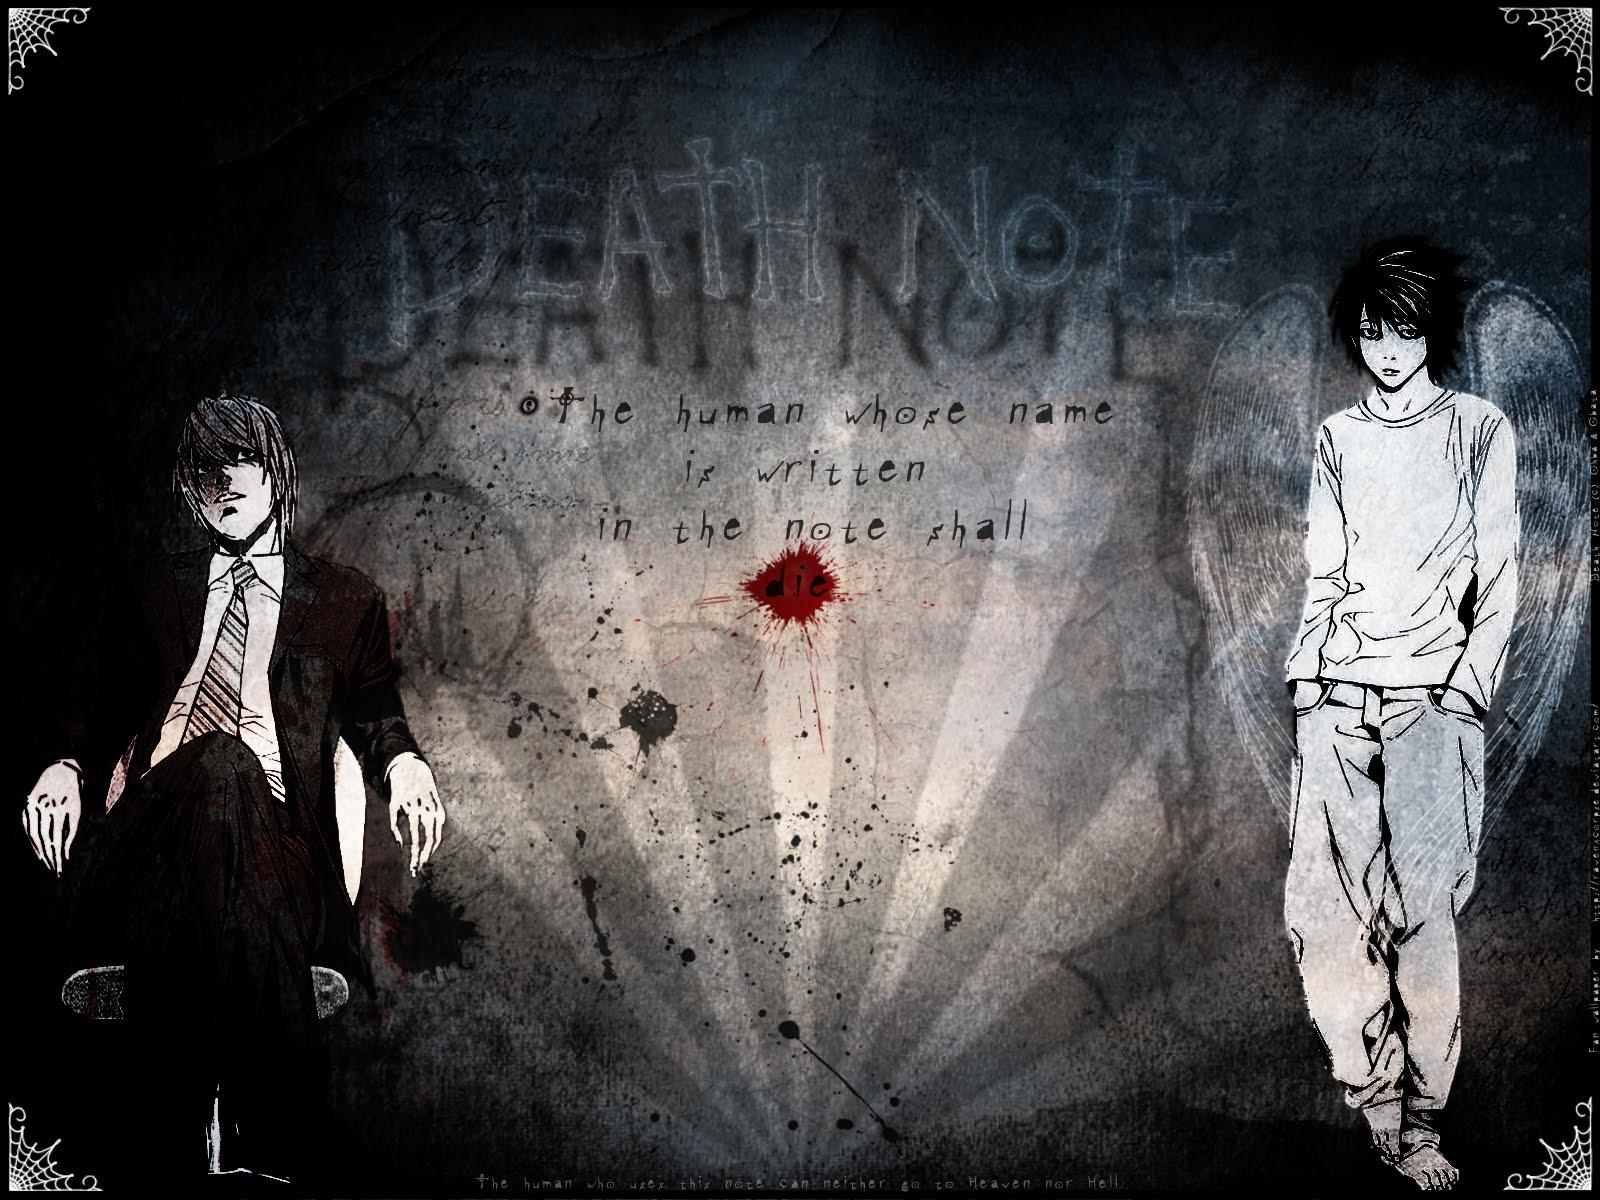 Anime Death Note Wallpaper L Lawliet Wallpaper Zerochan Anime Image Board